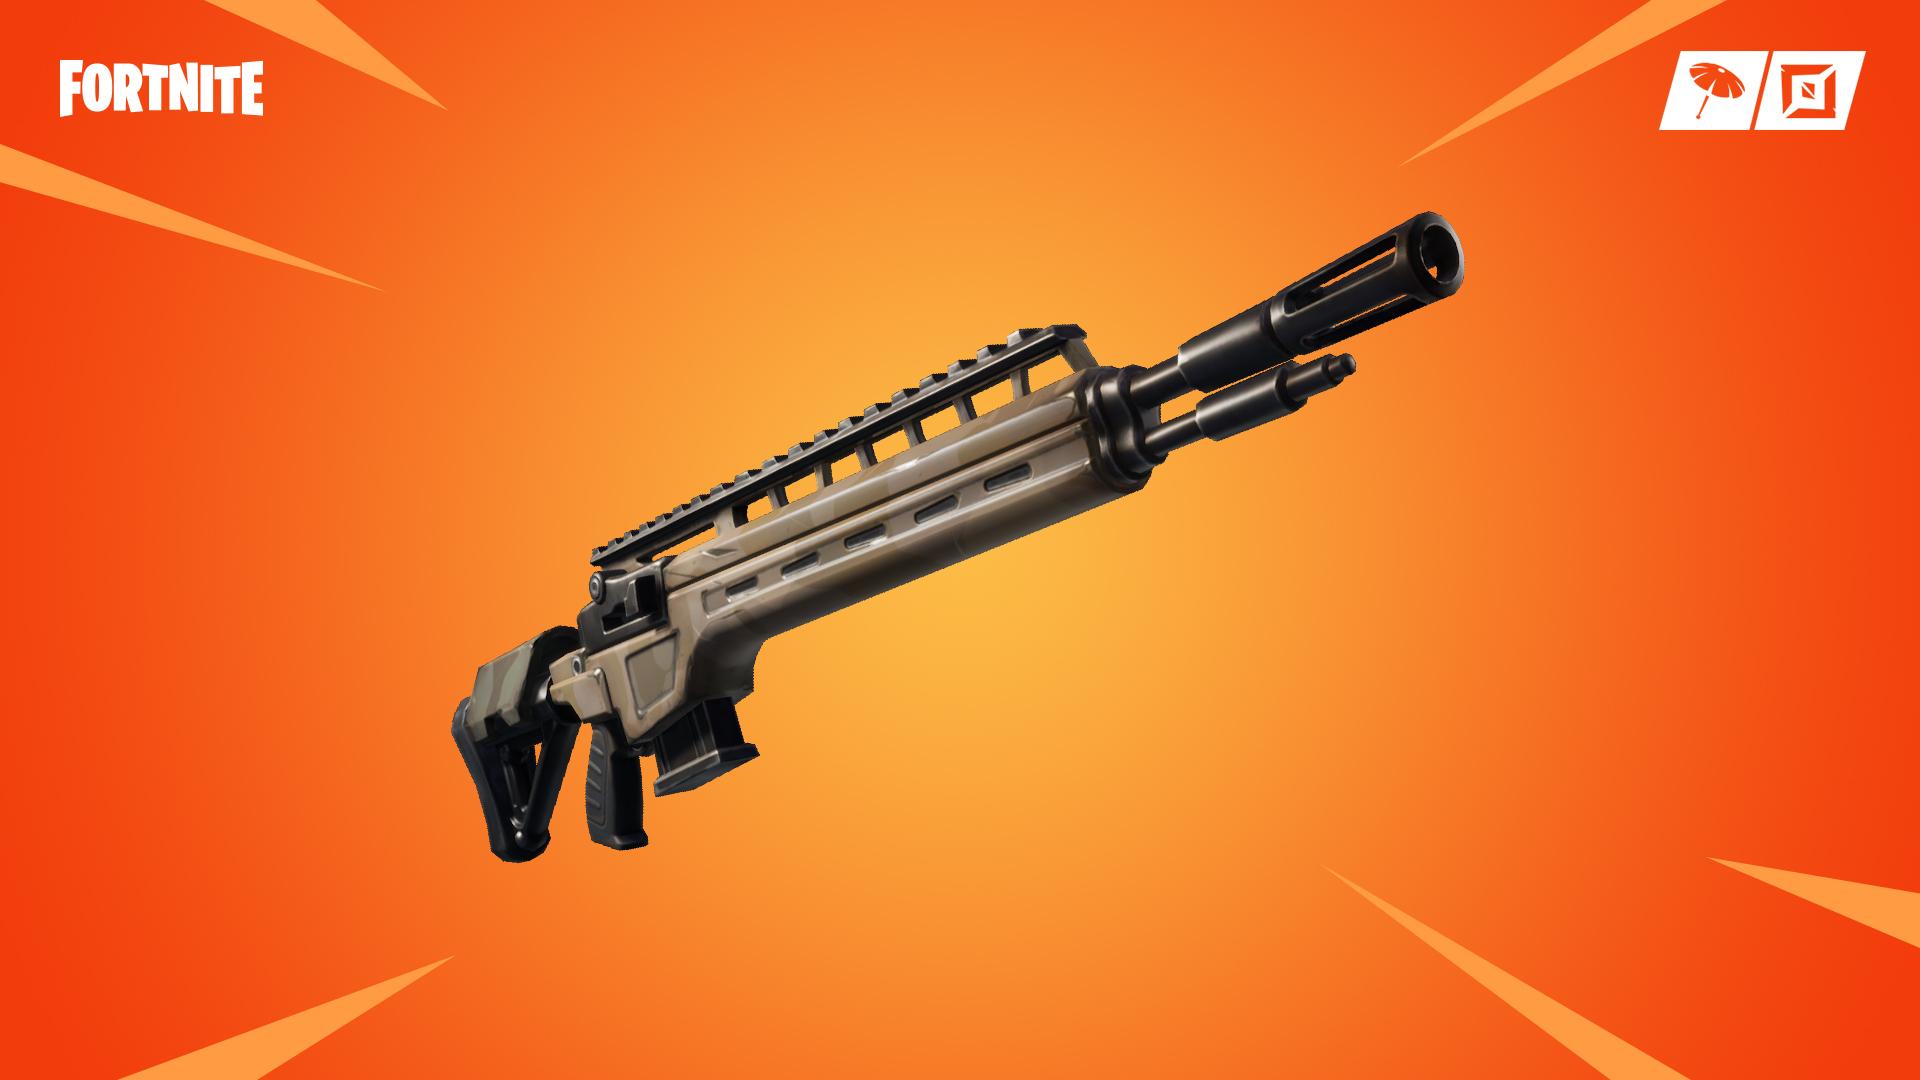 Fucile Fanteria Fortnite